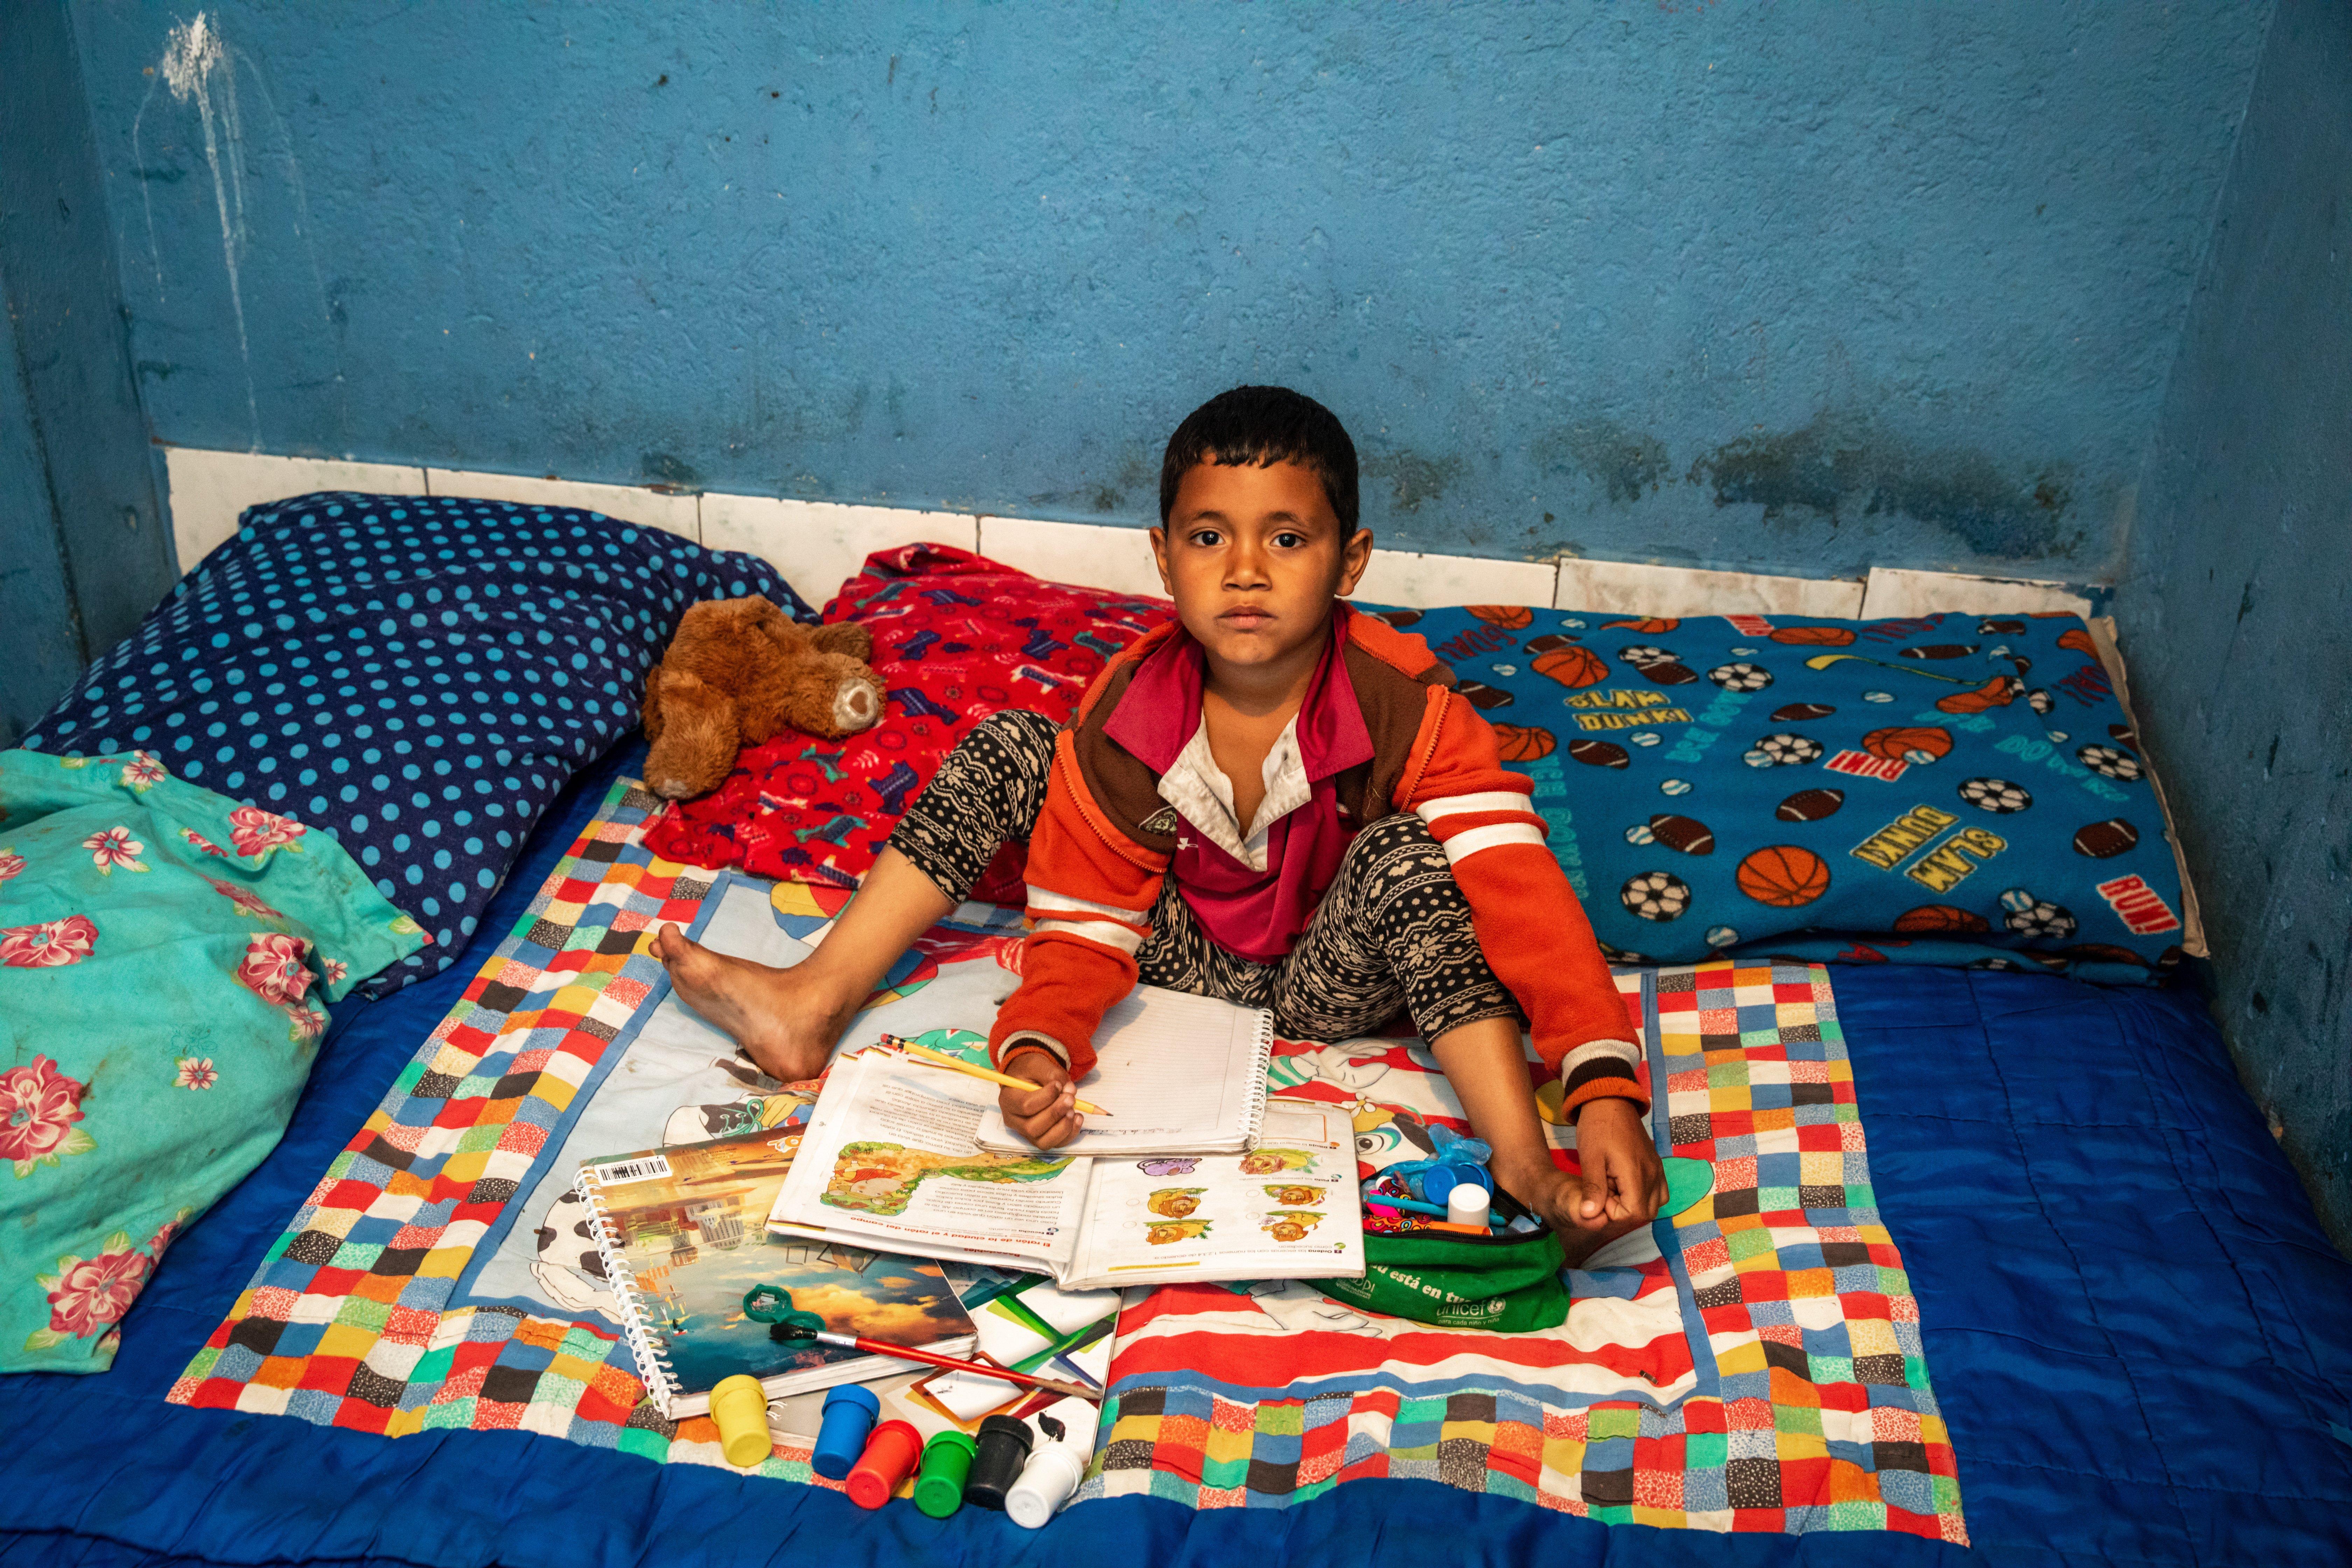 Sueños en espera: La realidad de una familia migrante